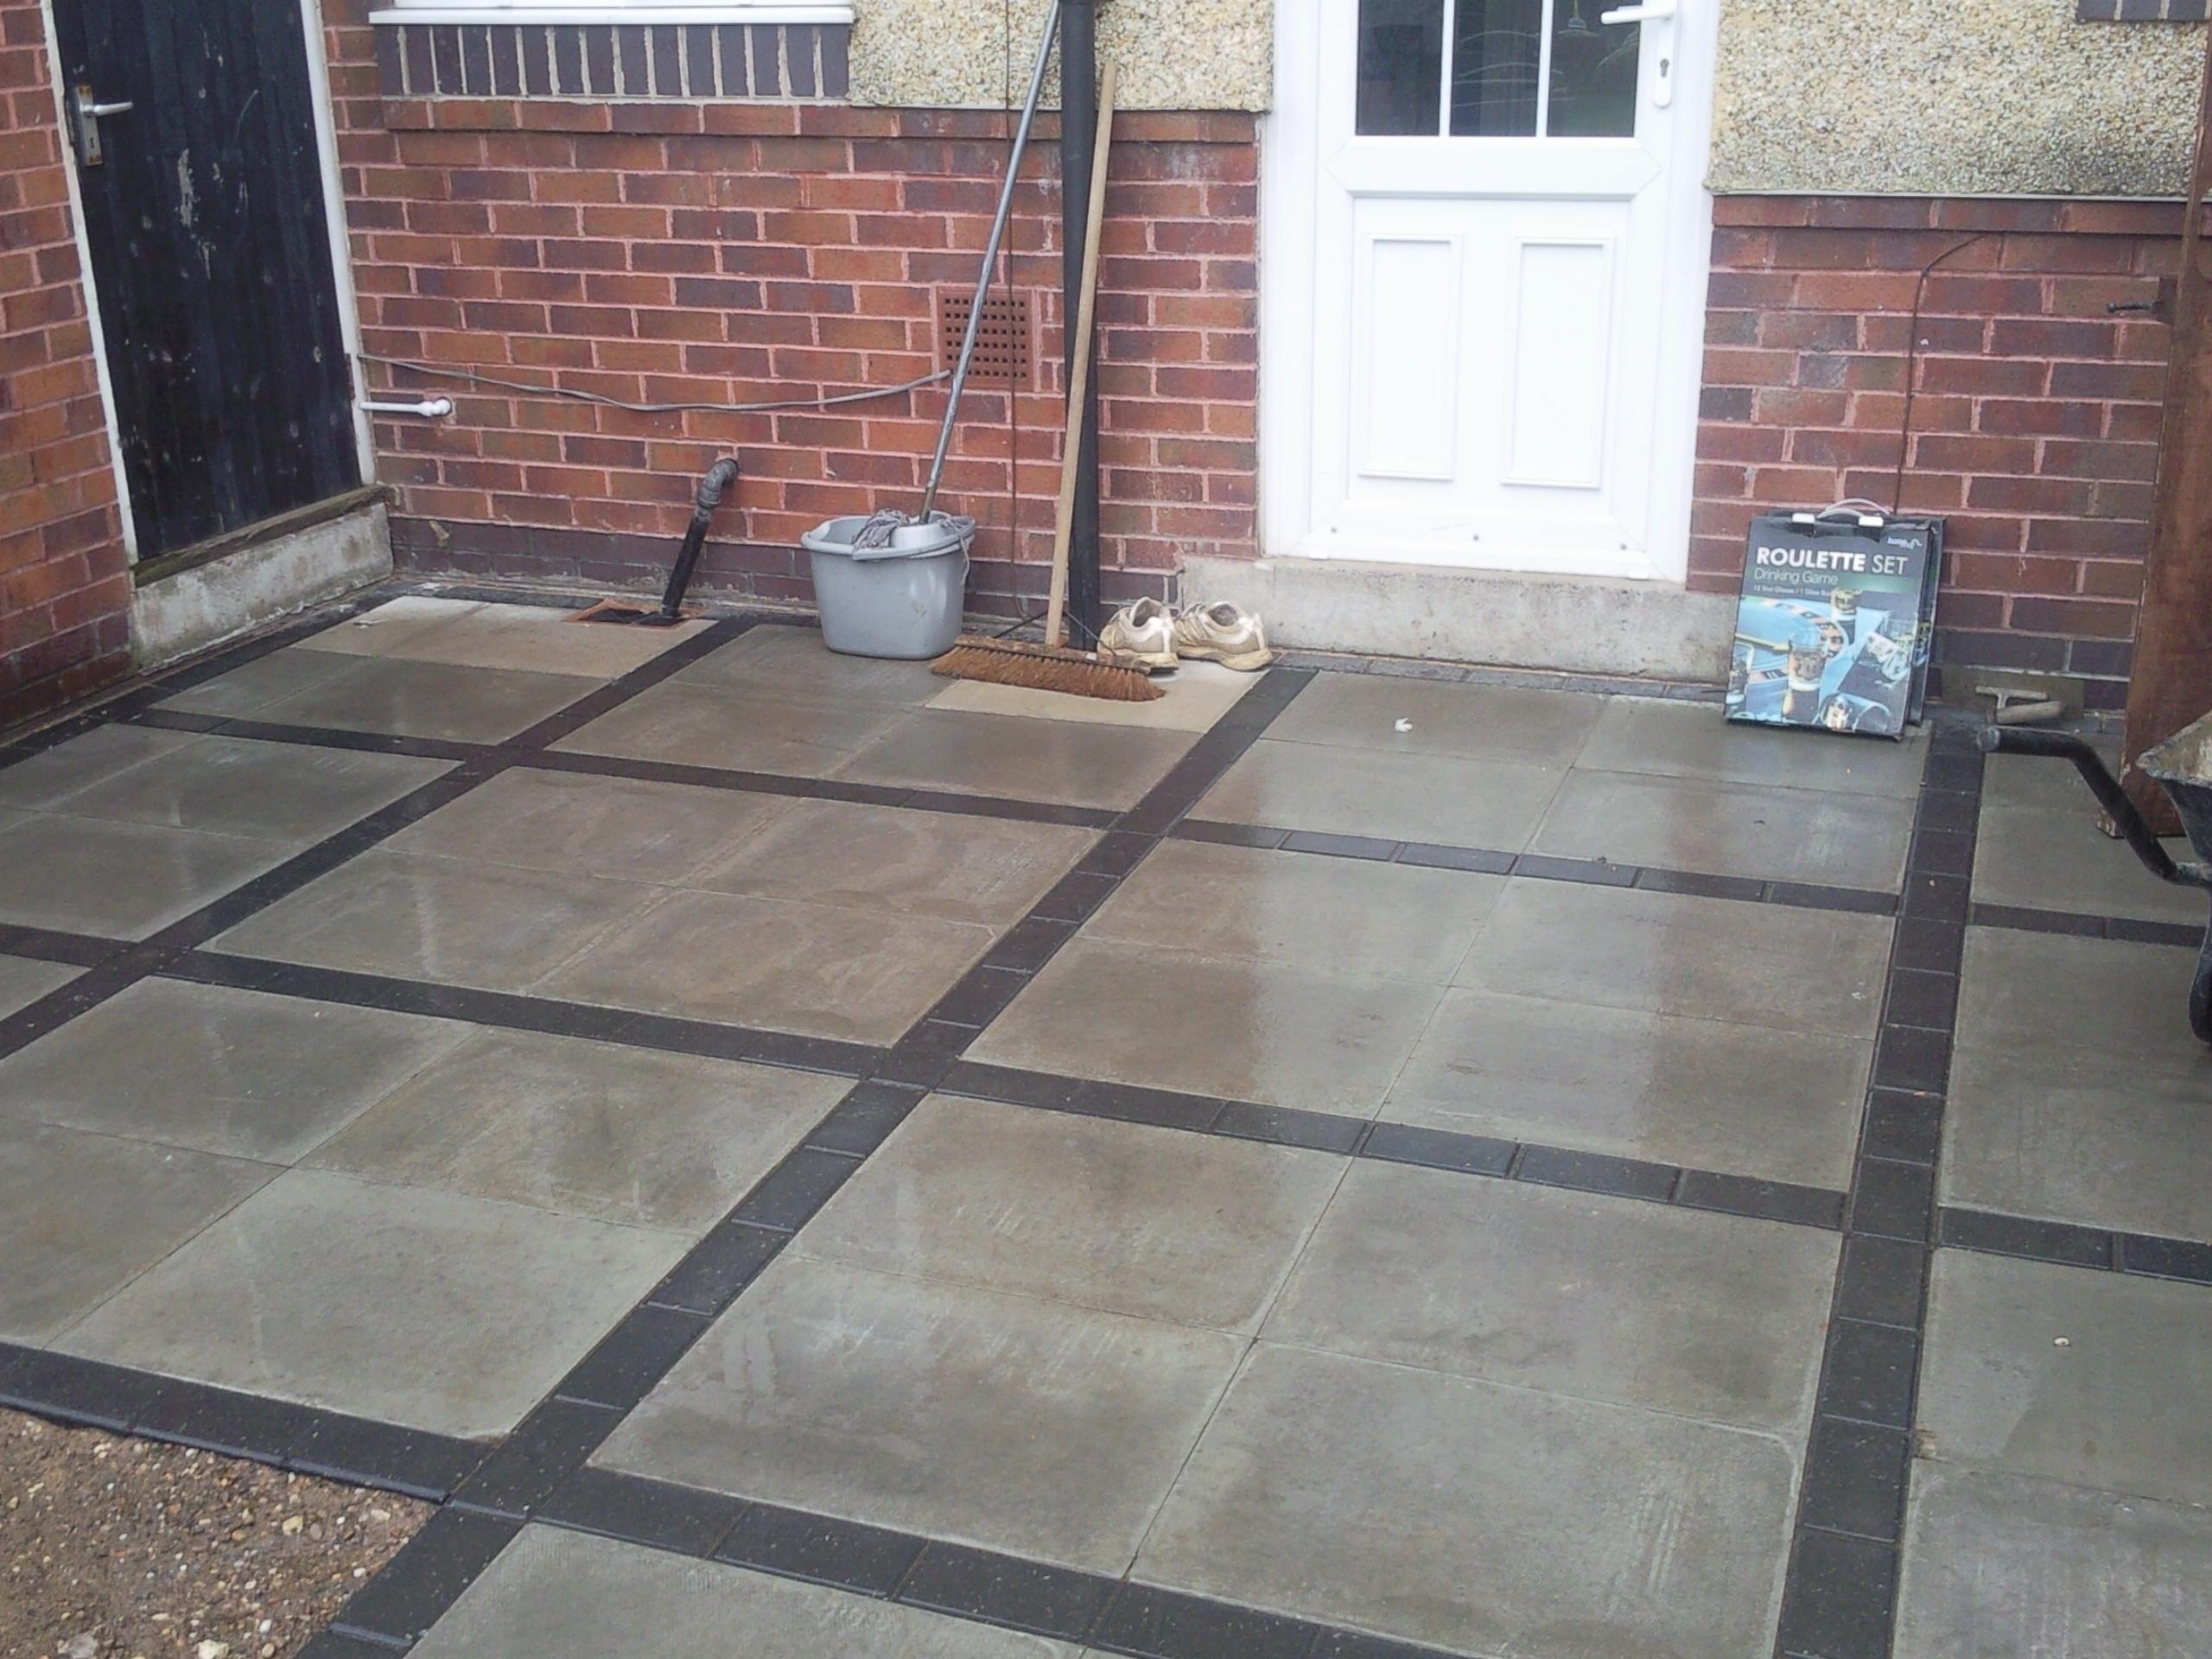 Large Paving Stones Patio Large Concrete Pavers For Patio